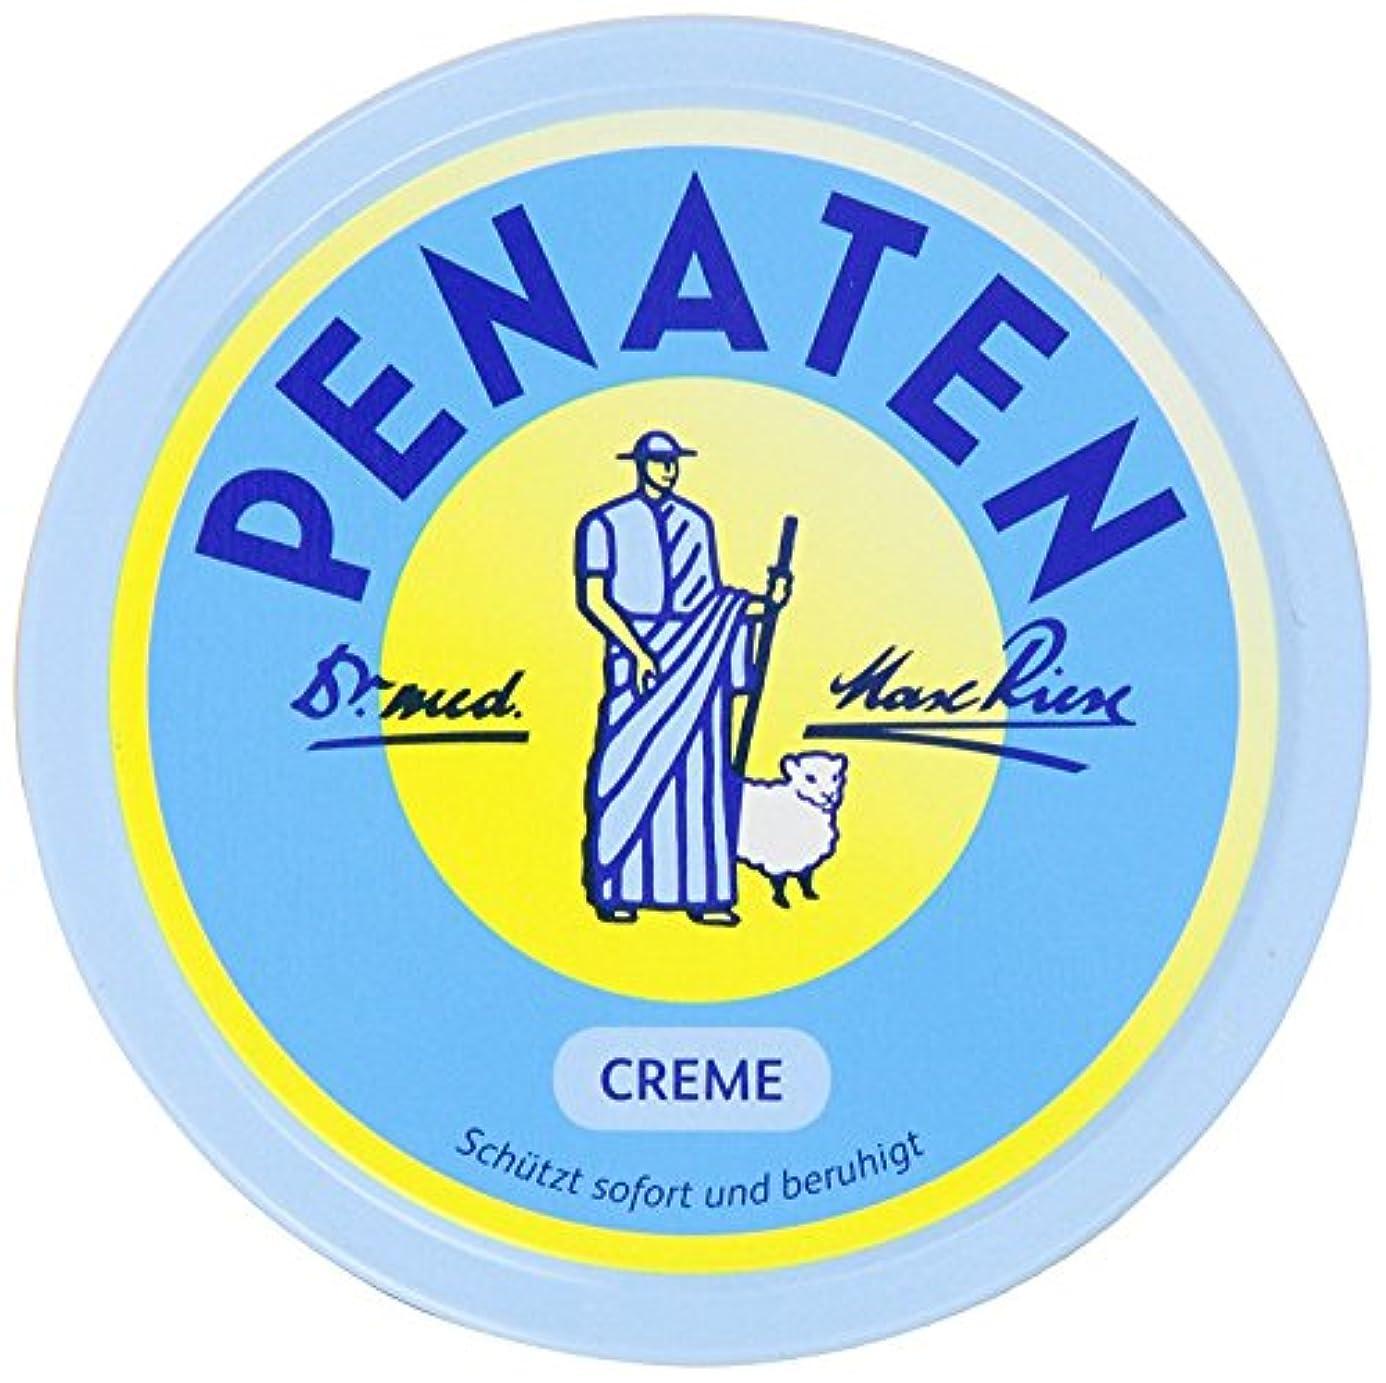 助手パリティ時刻表(ペナテン) Penaten Baby Creme 150 ml, 3er Pack (3 x 150 ml) (並行輸入品) shumaman